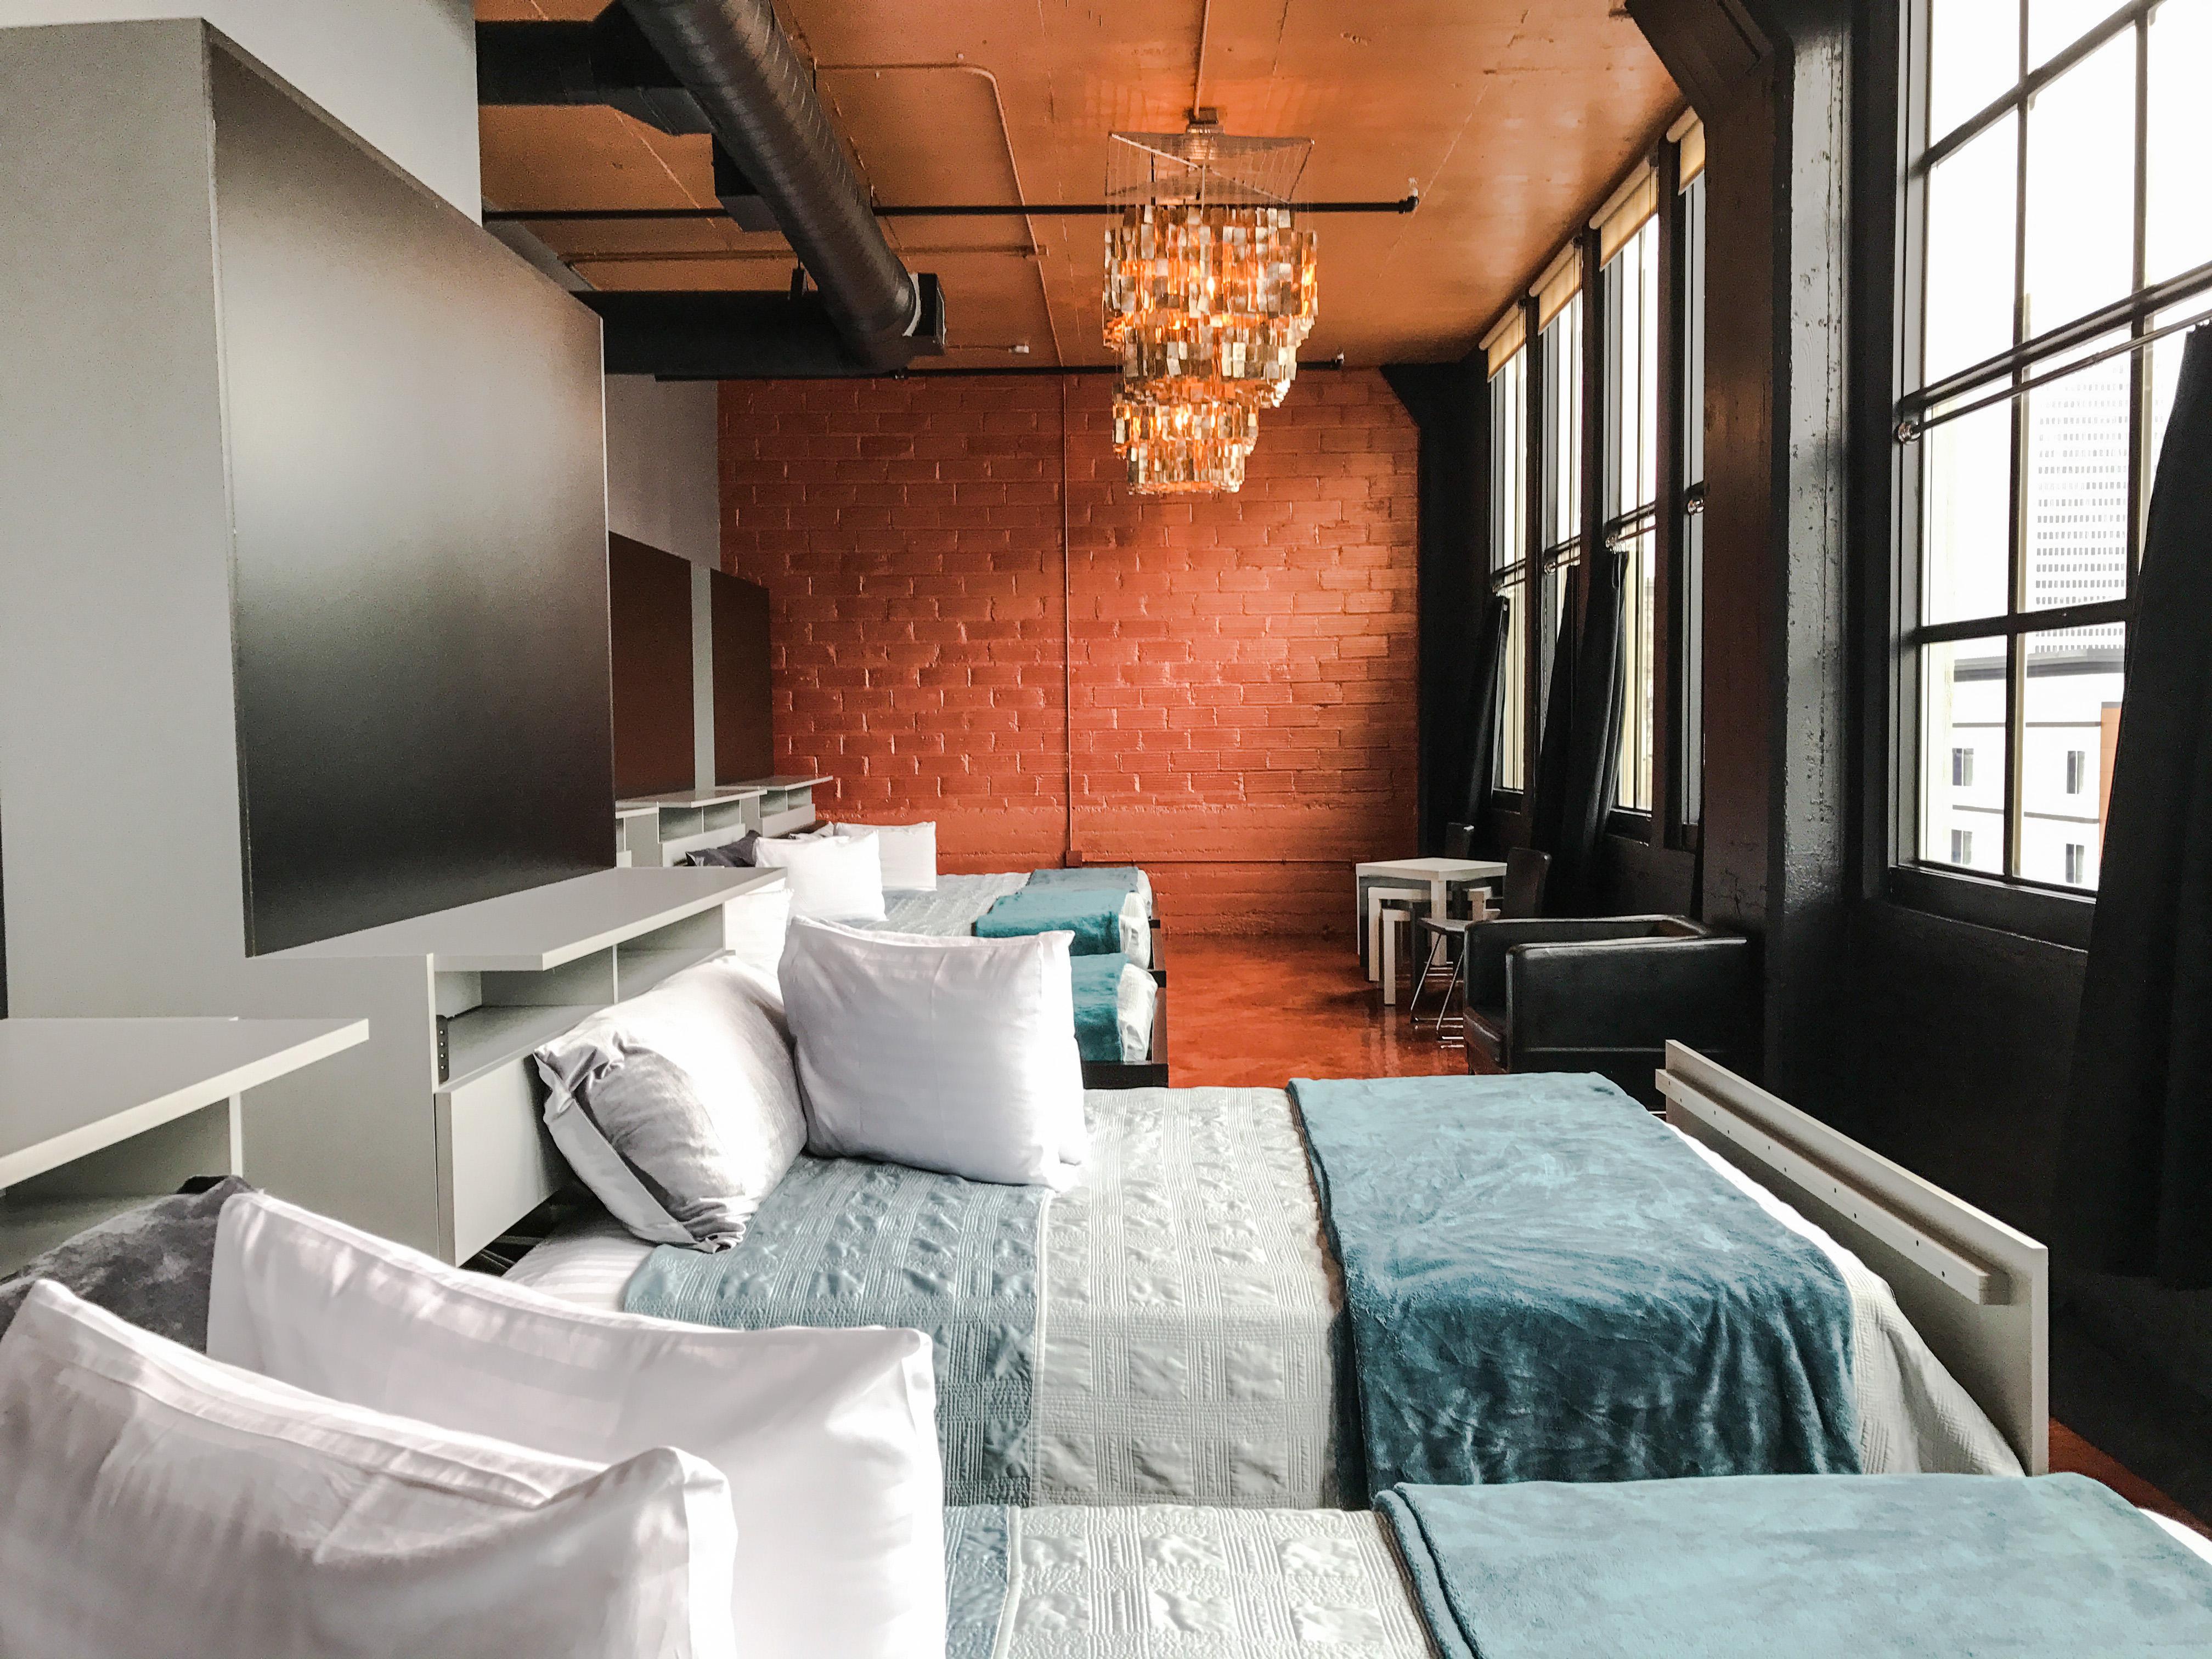 Loft Reverie Hotel 714 - Beds + Views